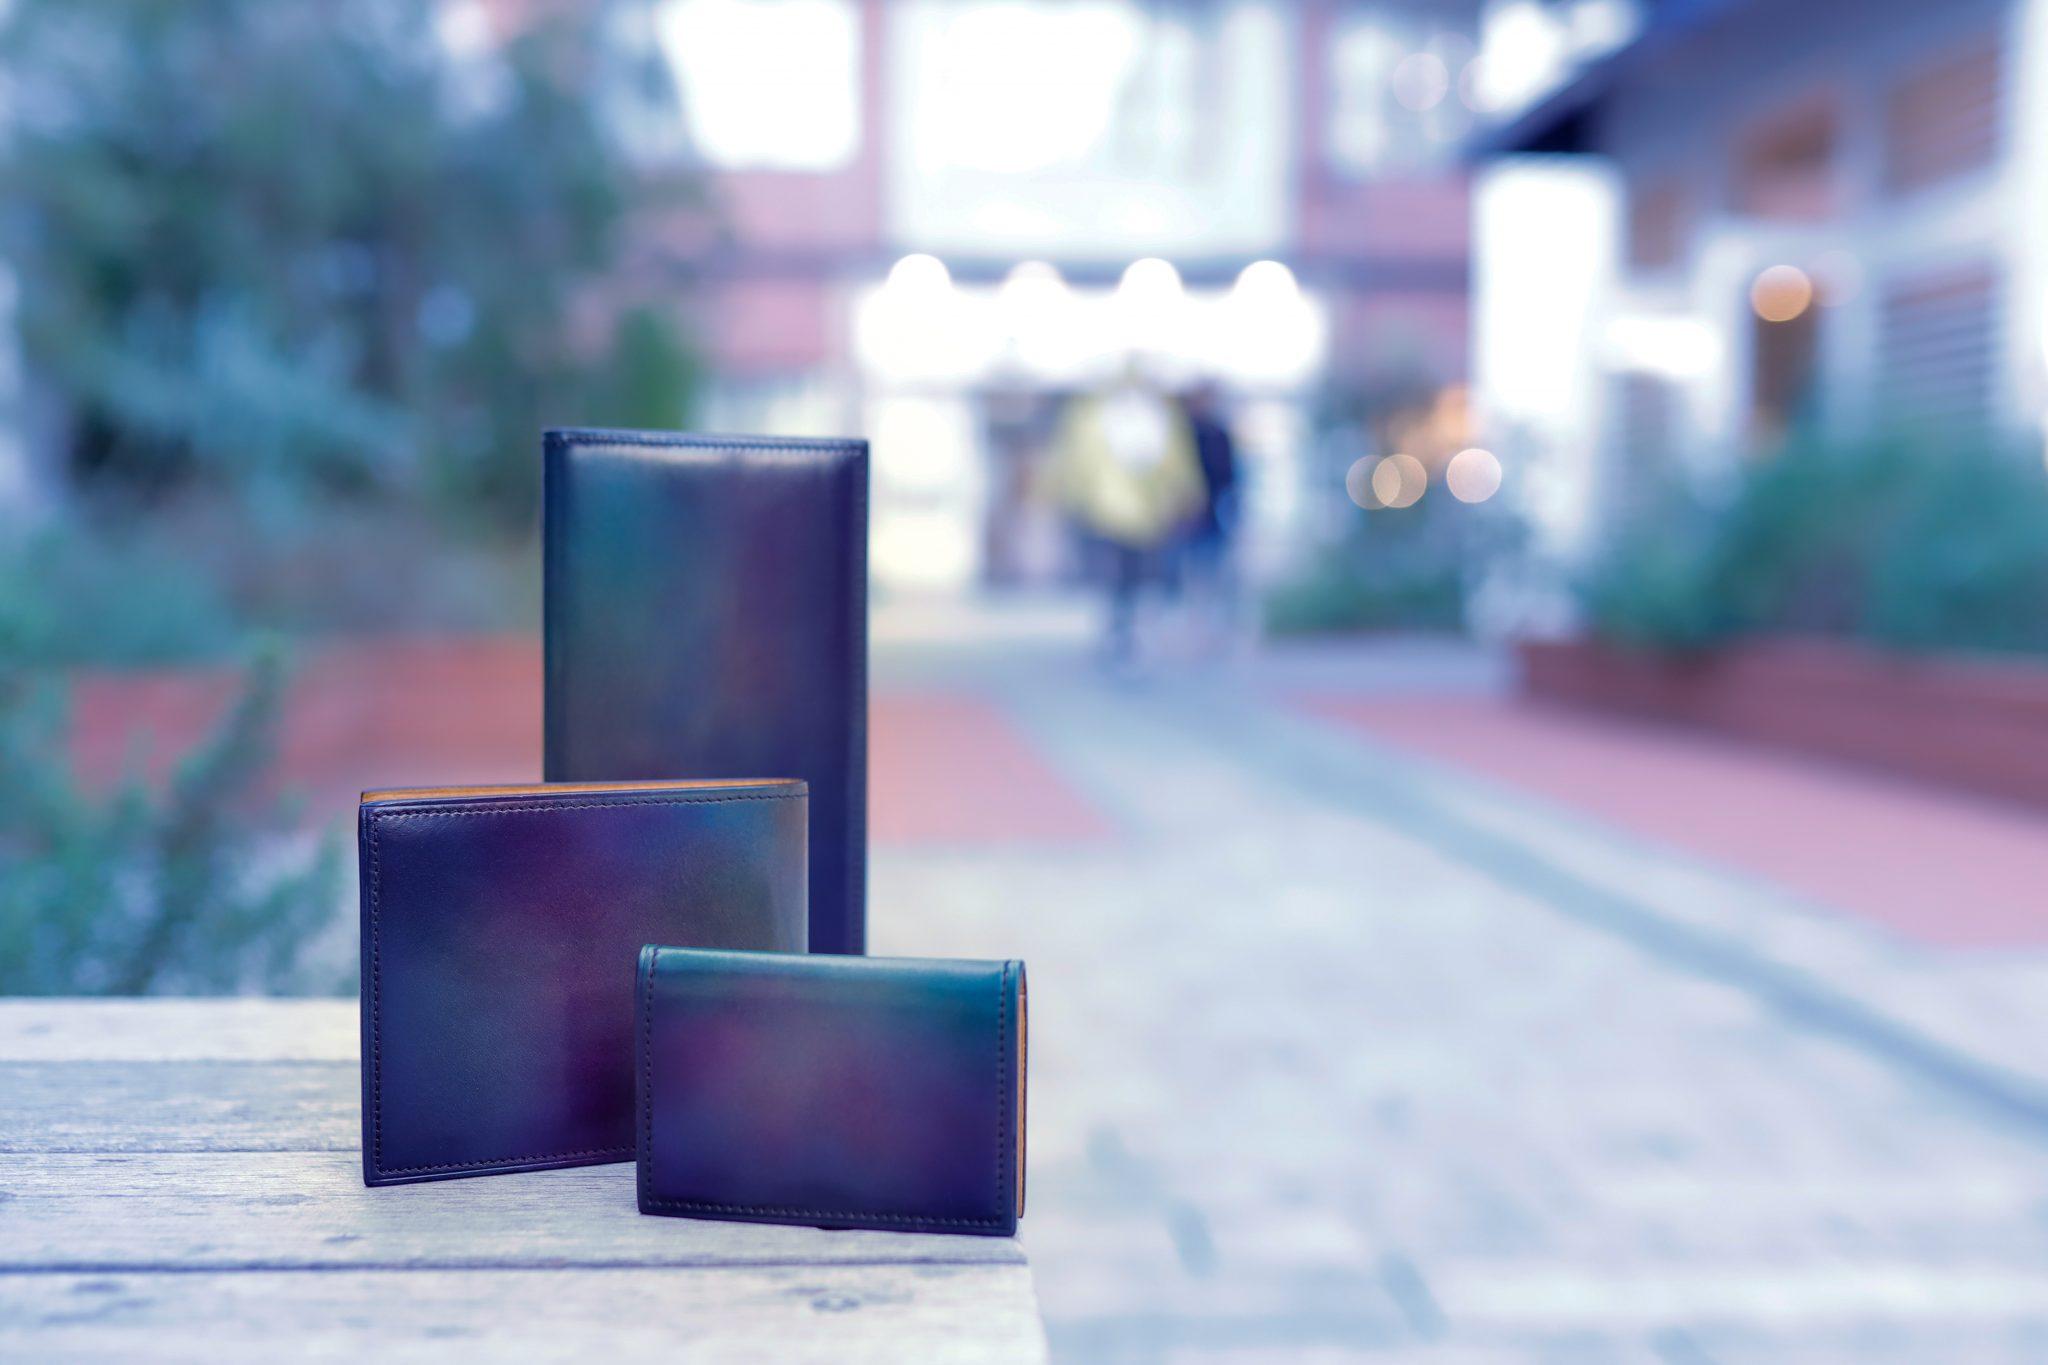 【横浜高島屋】yuhakuフェア 限定商品販売のお知らせ